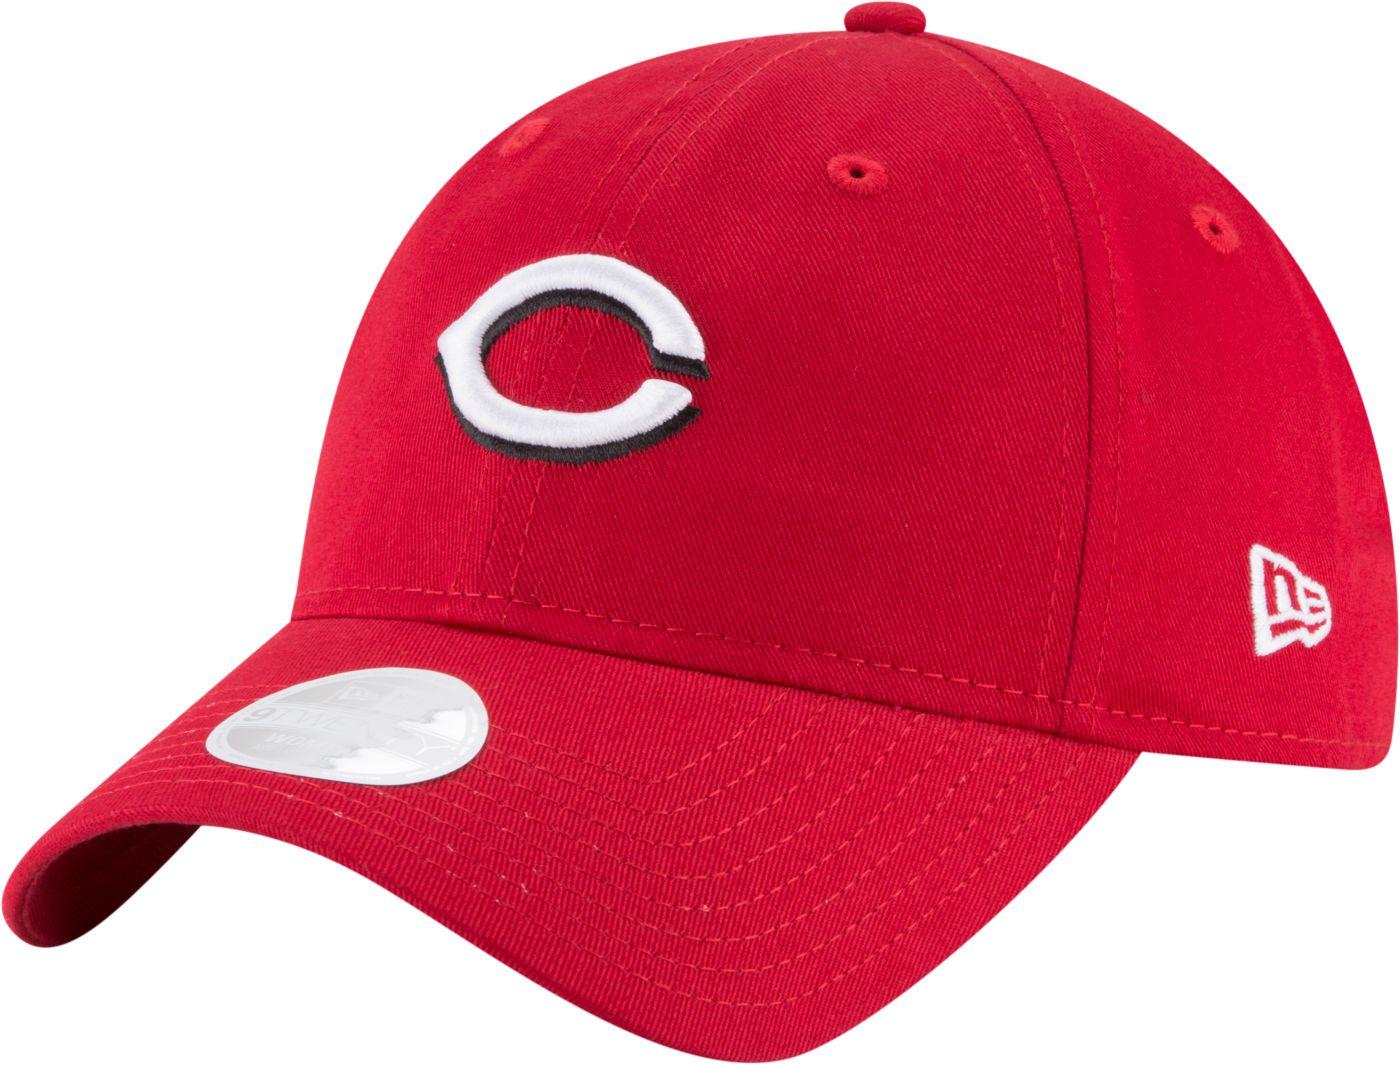 New Era Women's Cincinnati Reds 9Twenty Adjustable Hat